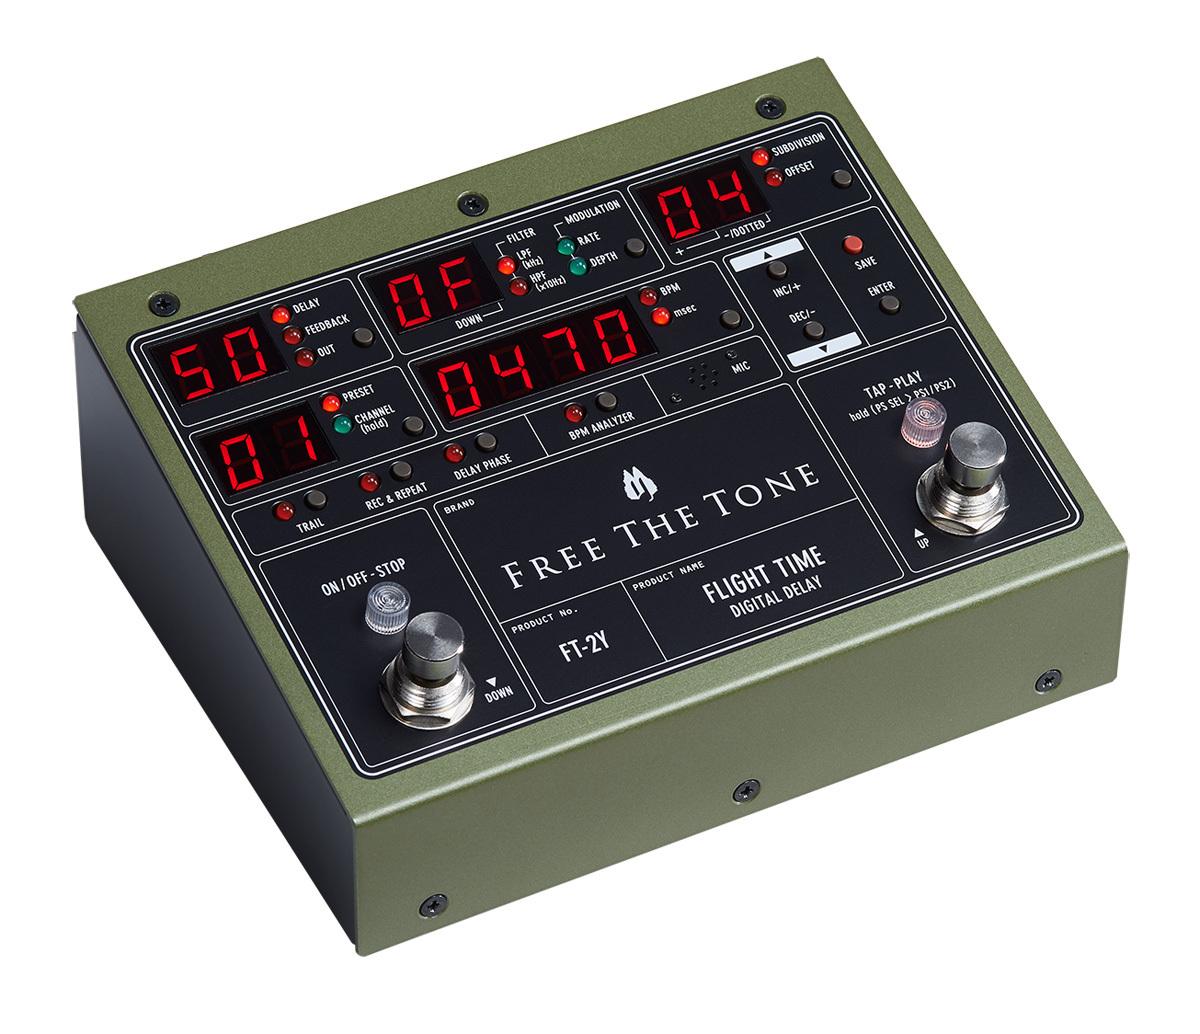 自由音飞行时间FT-2Y DIGITAL DELAY数字延时[涩谷]